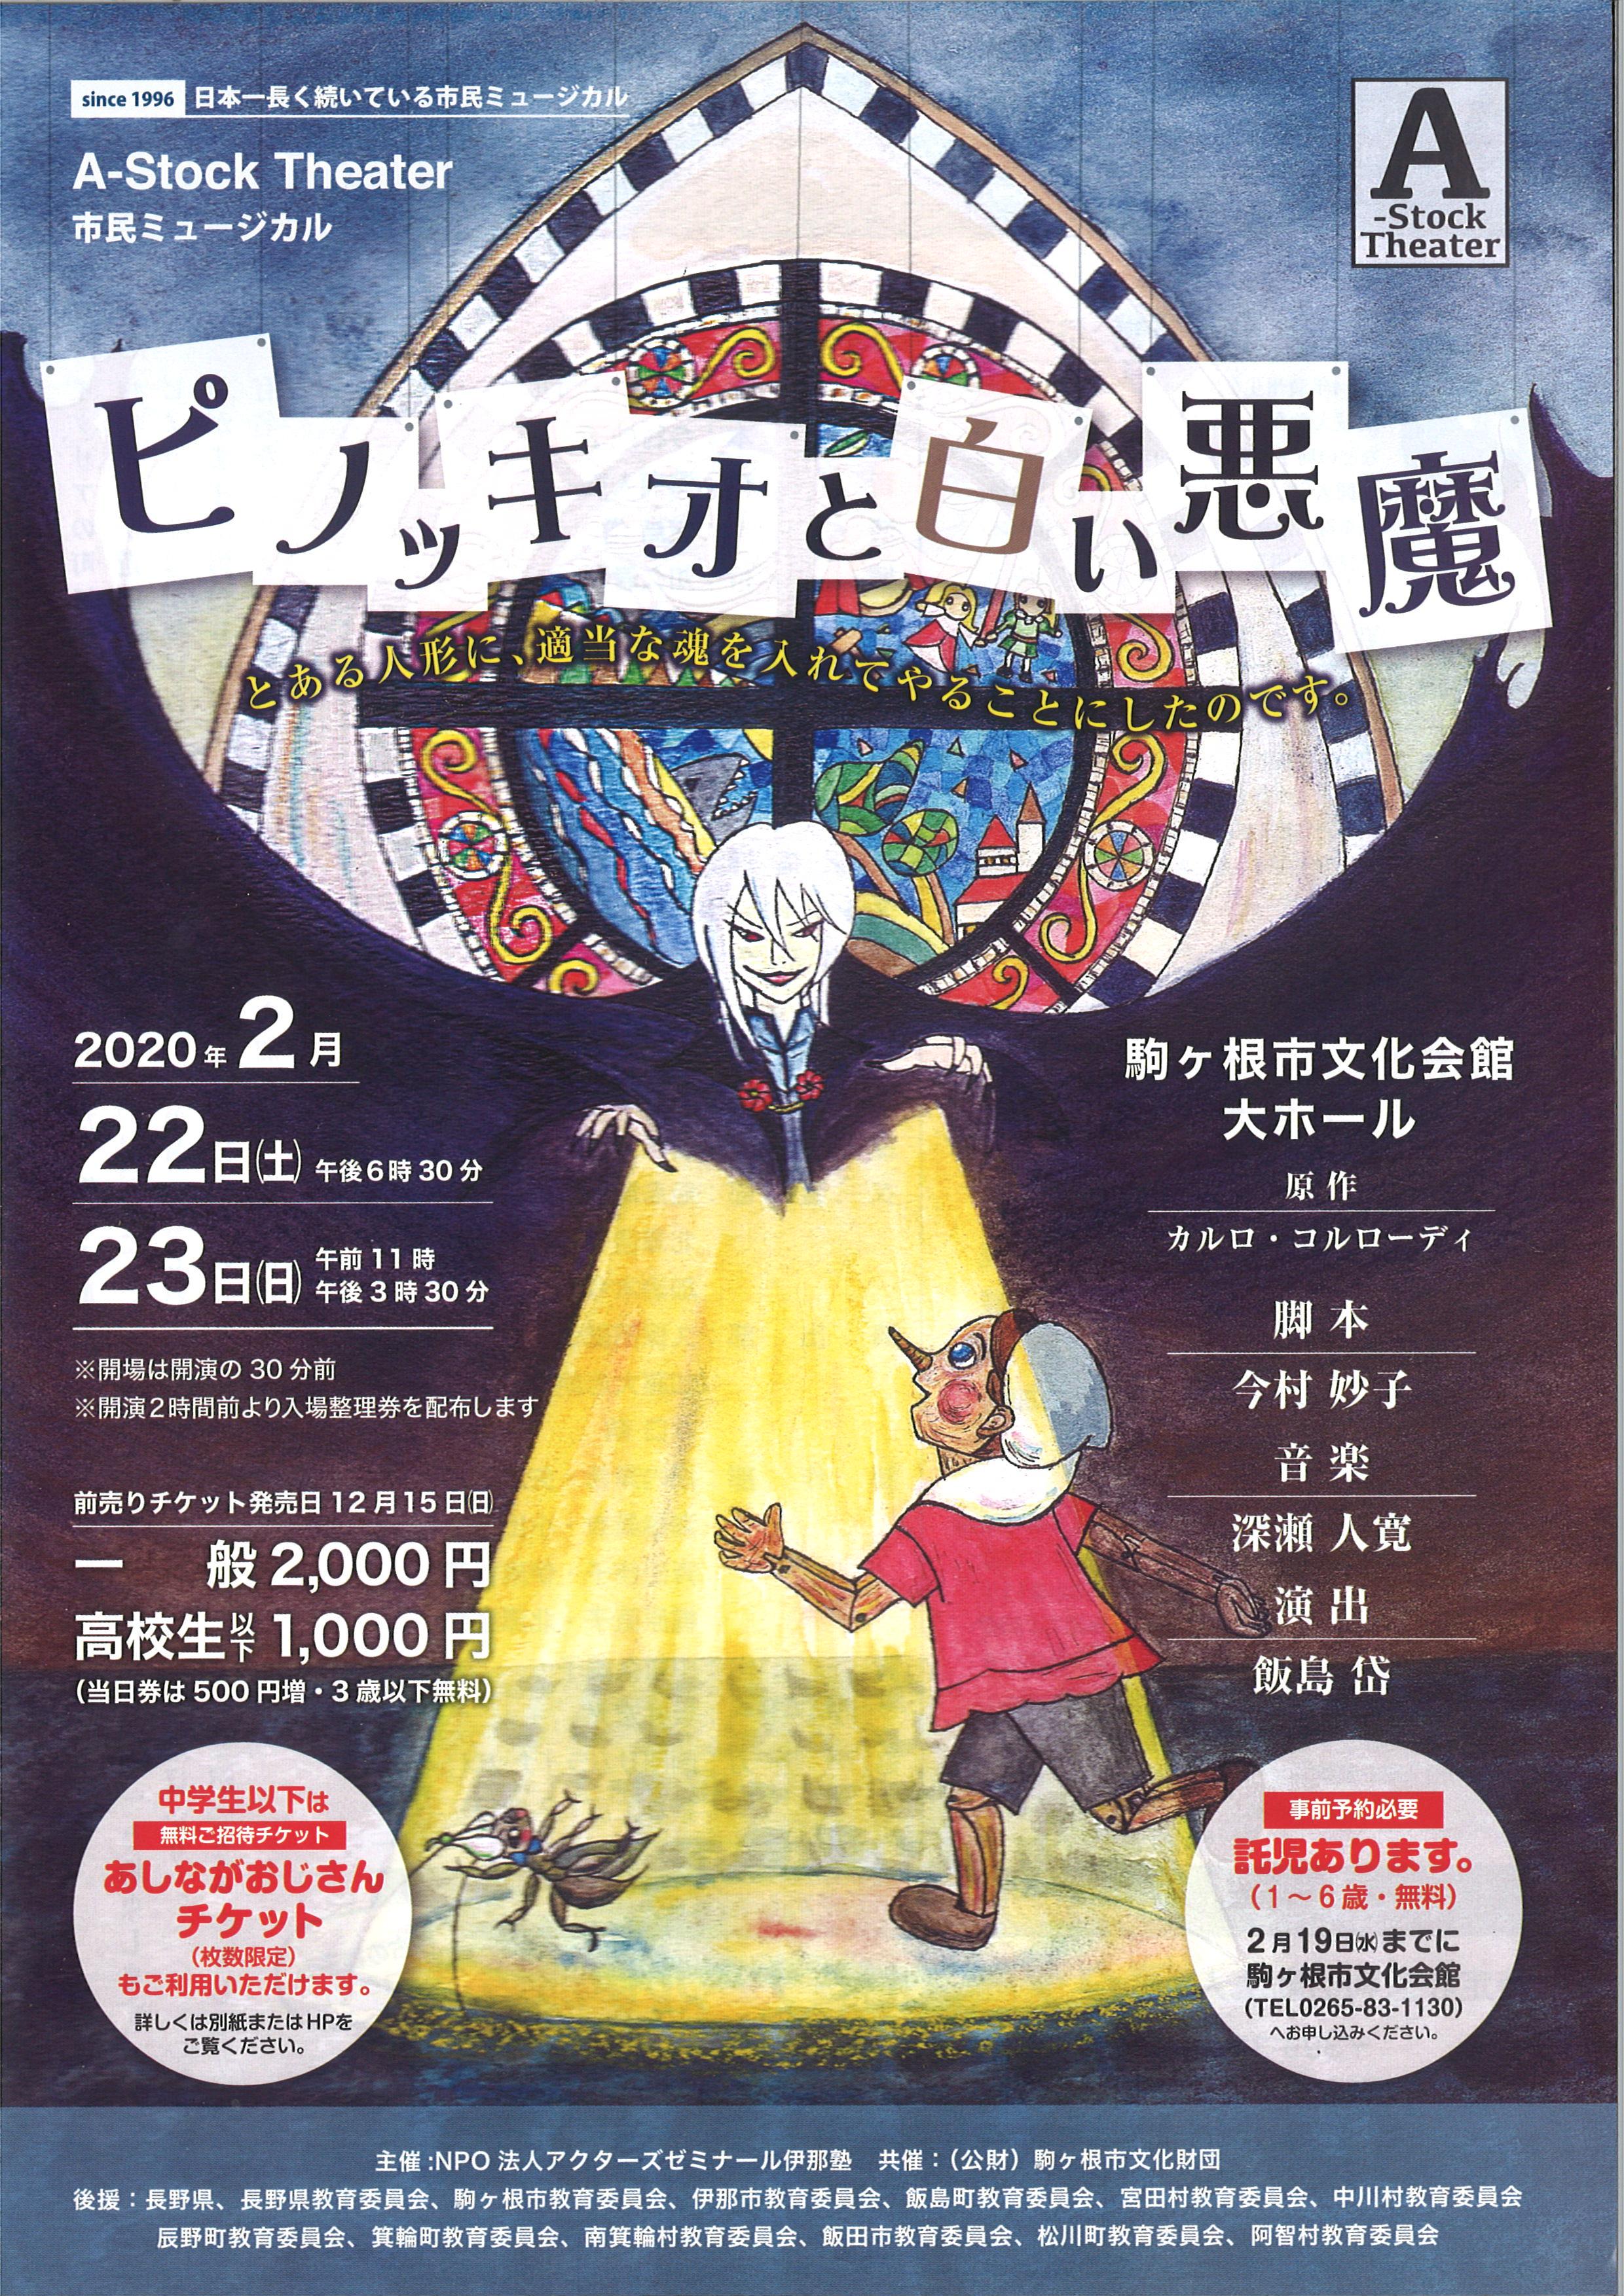 写真:<A-Stock Theater 「ピノッキオと白い悪魔」>